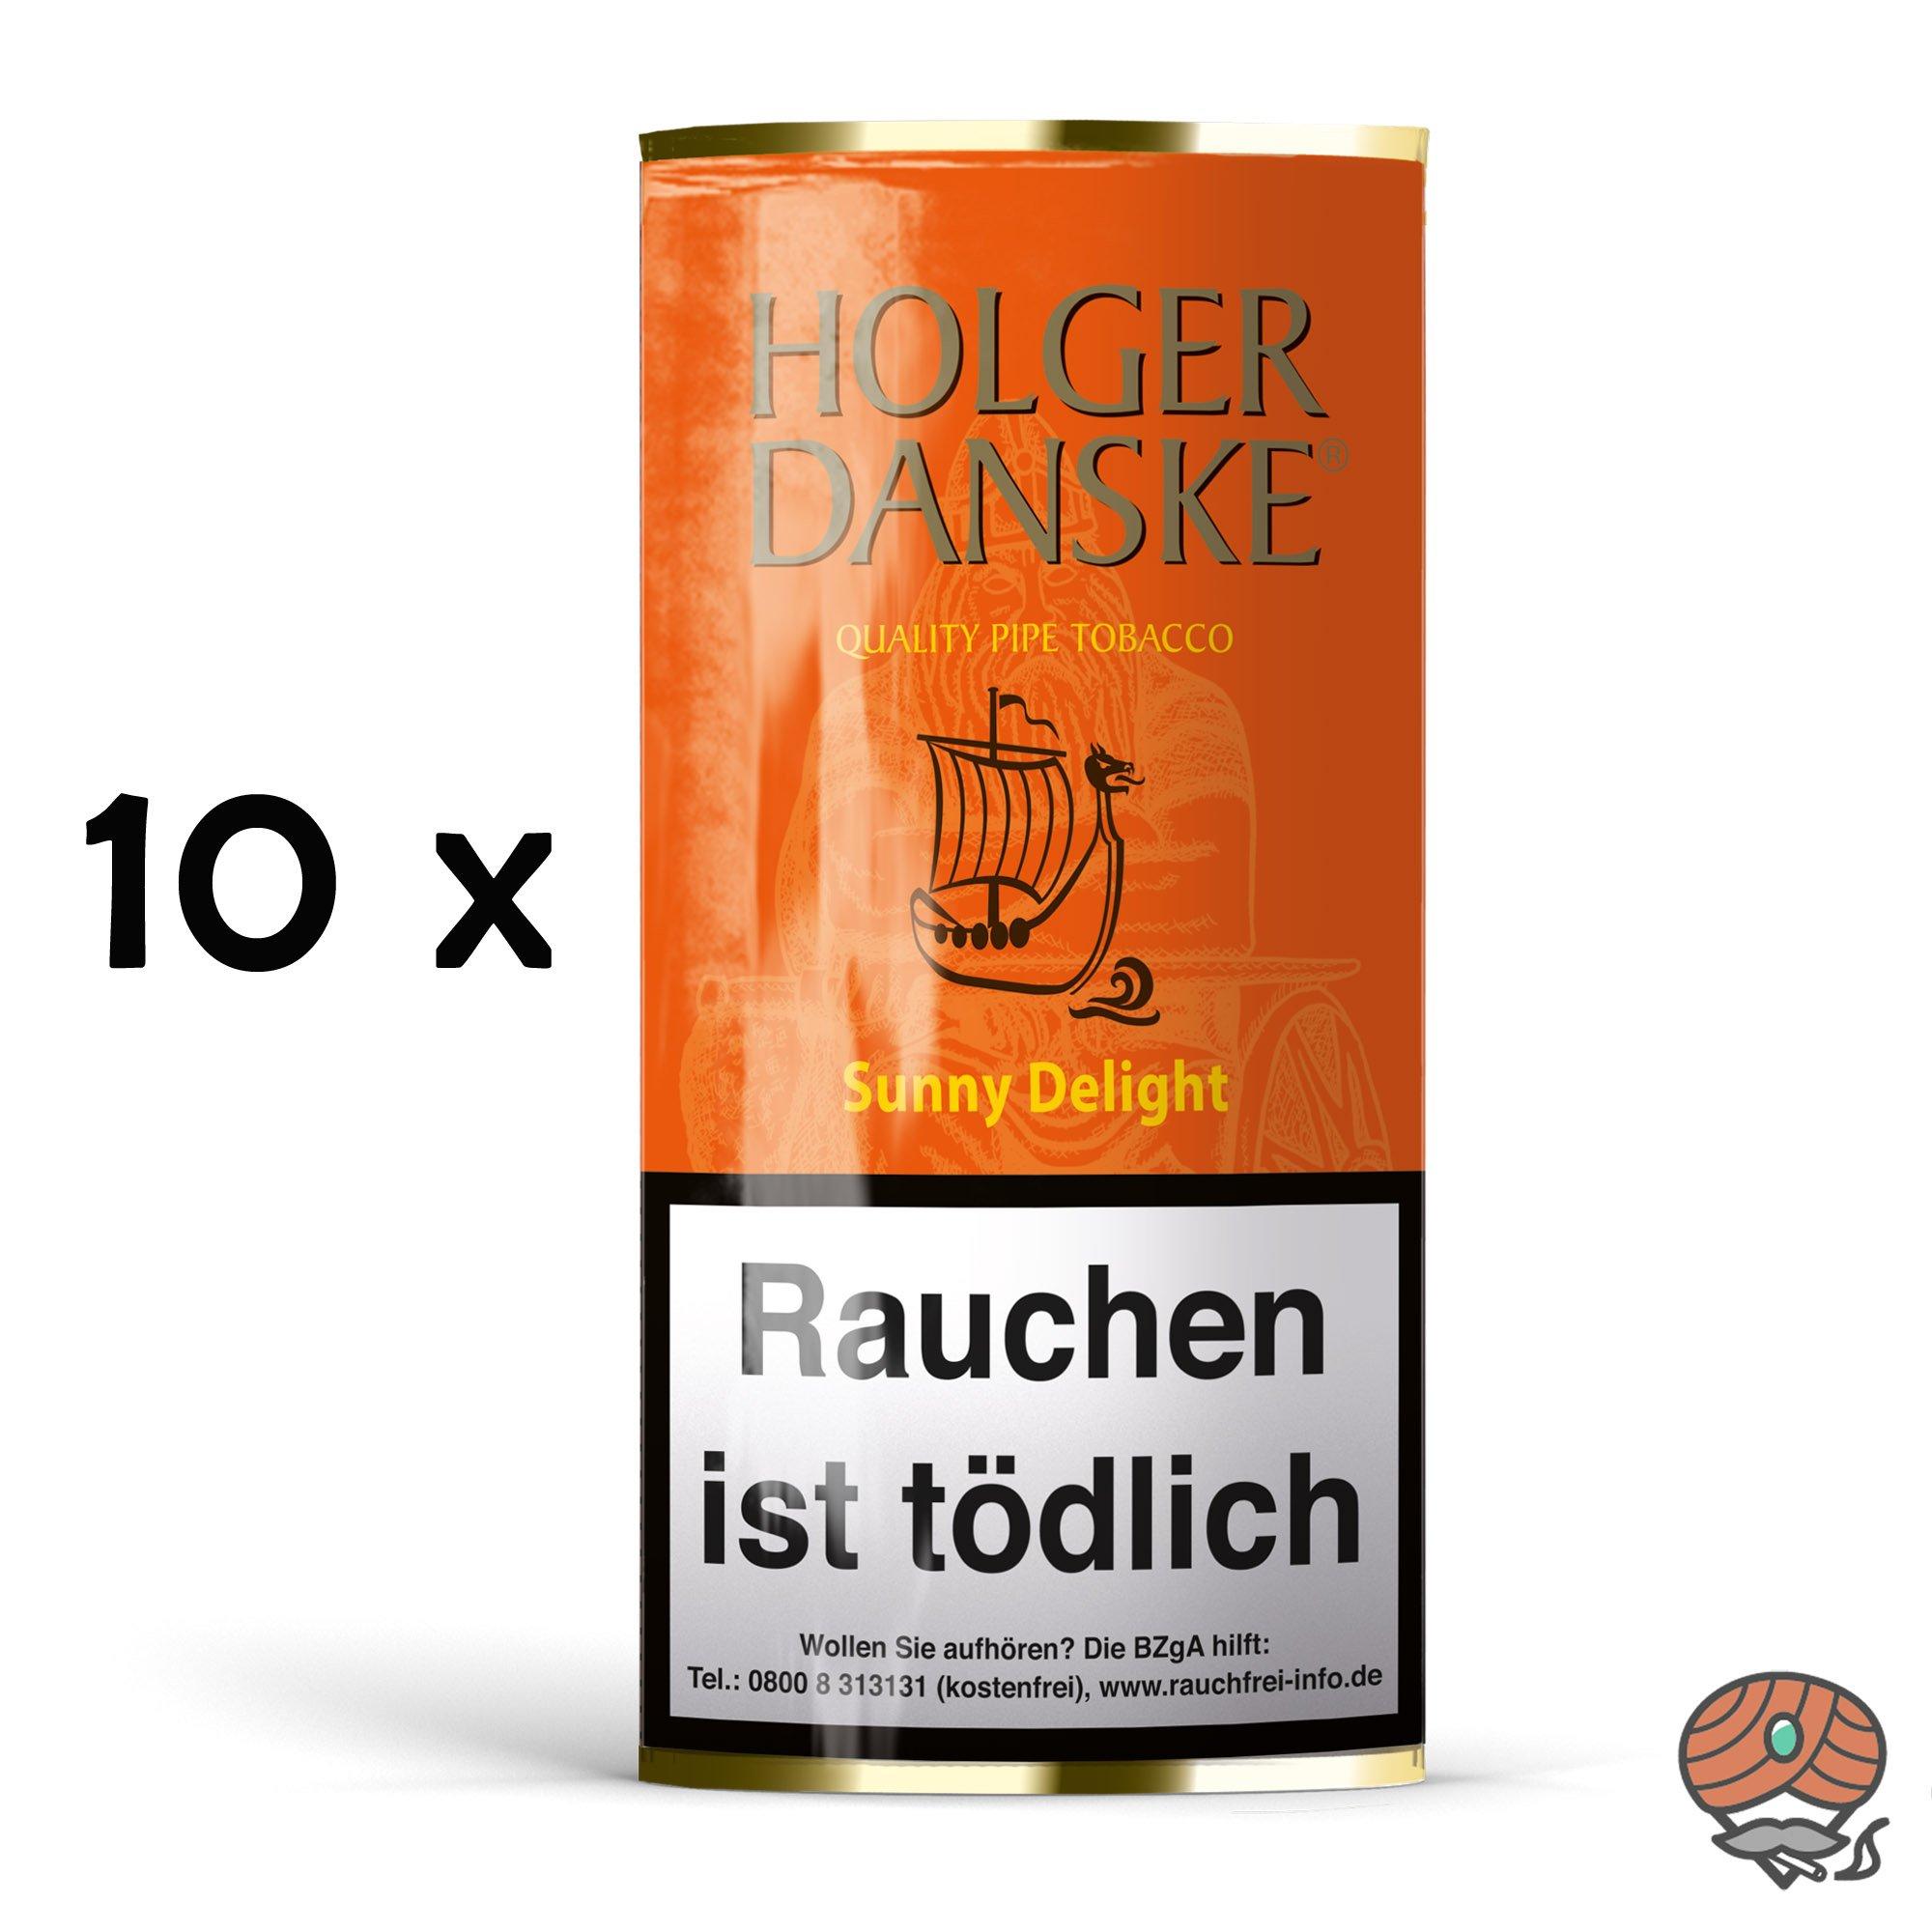 10 x Holger Danske Sunny Delight Pfeifentabak 40g Beutel